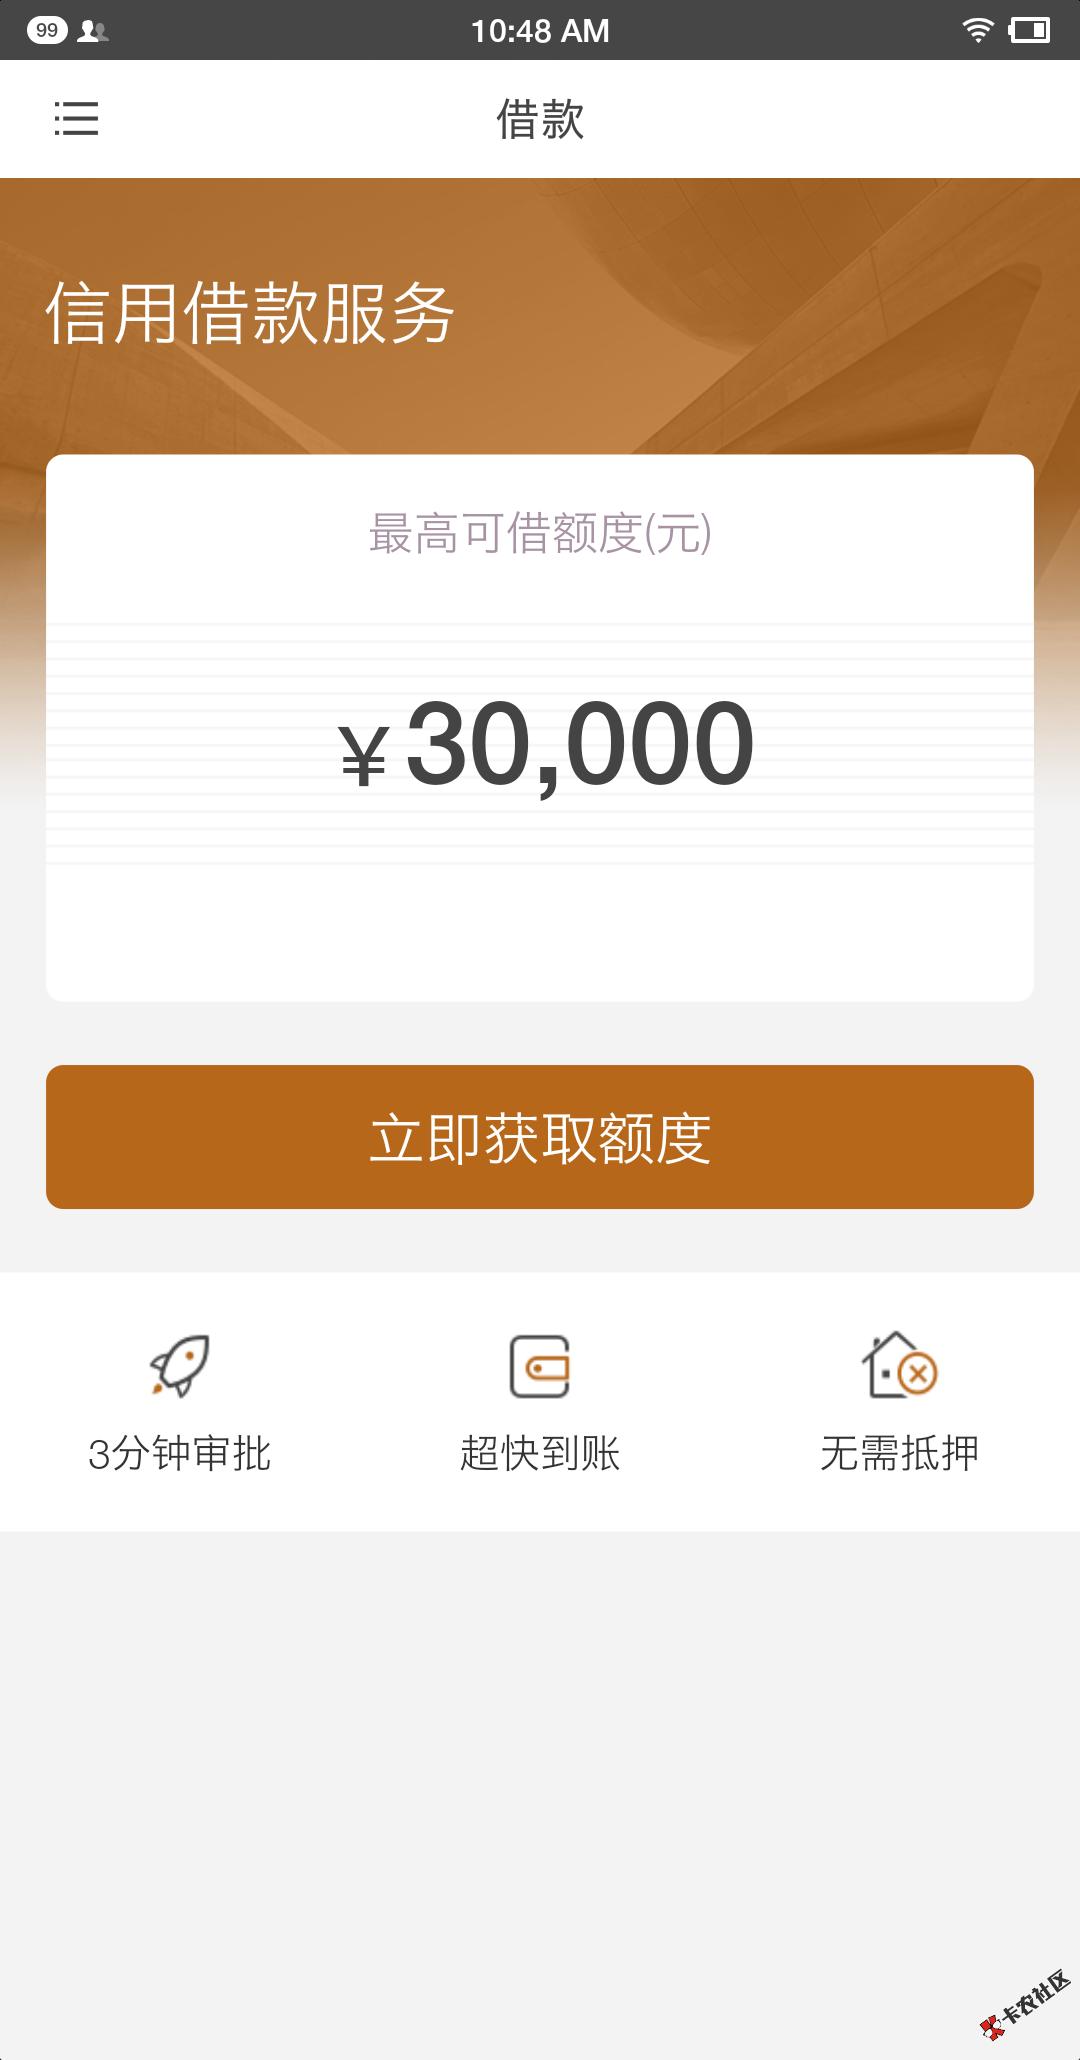 五福袋,花卡系口子,人人1500~2000,能接回访就批款!!81 / 作者:飞泉鸣月 /